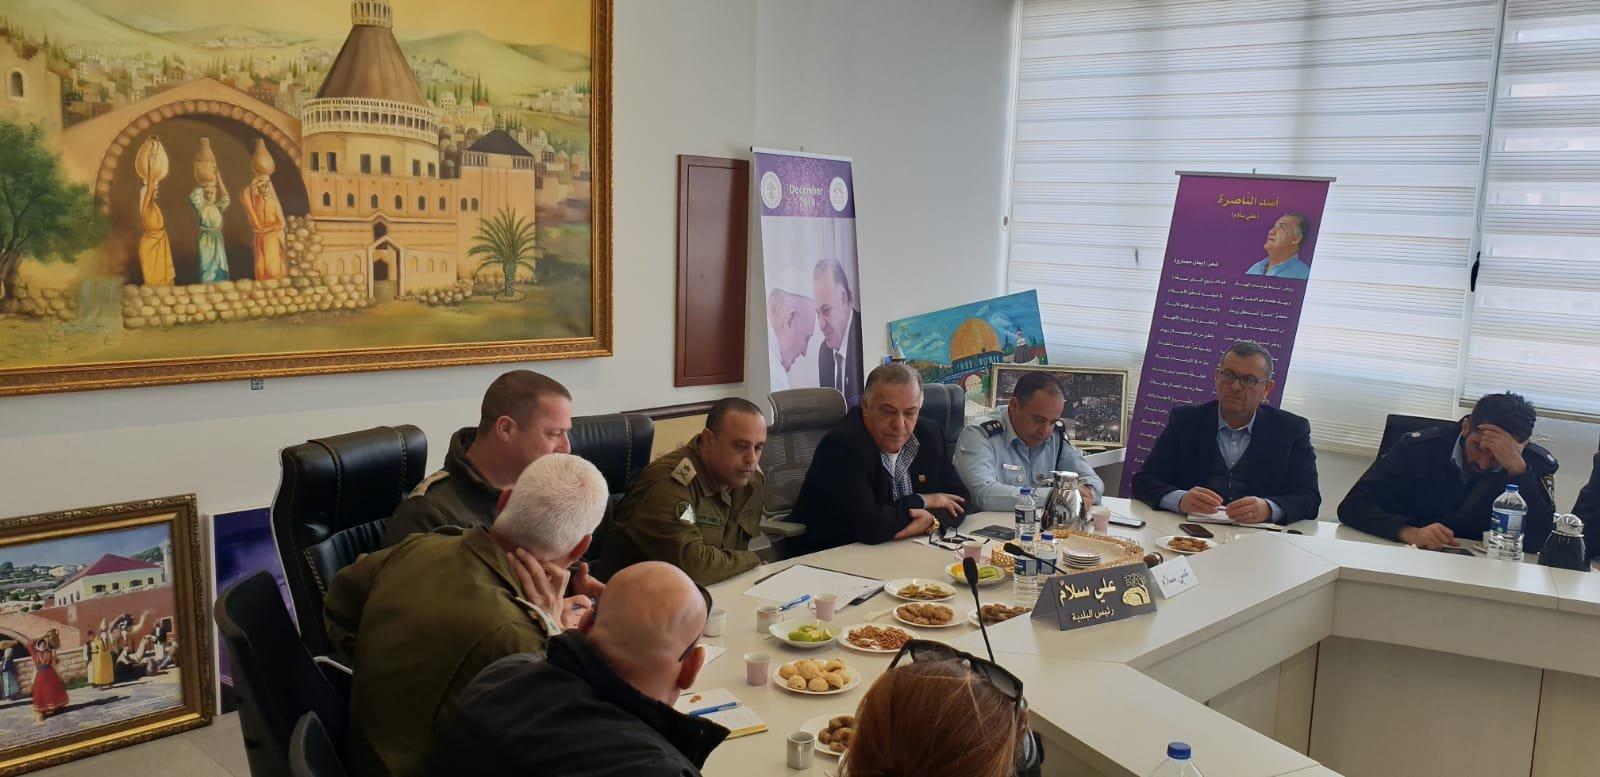 لجنه الطوارئ في بلدية الناصرة تعقد جلسه عمل مع الجبهة الداخلية-0